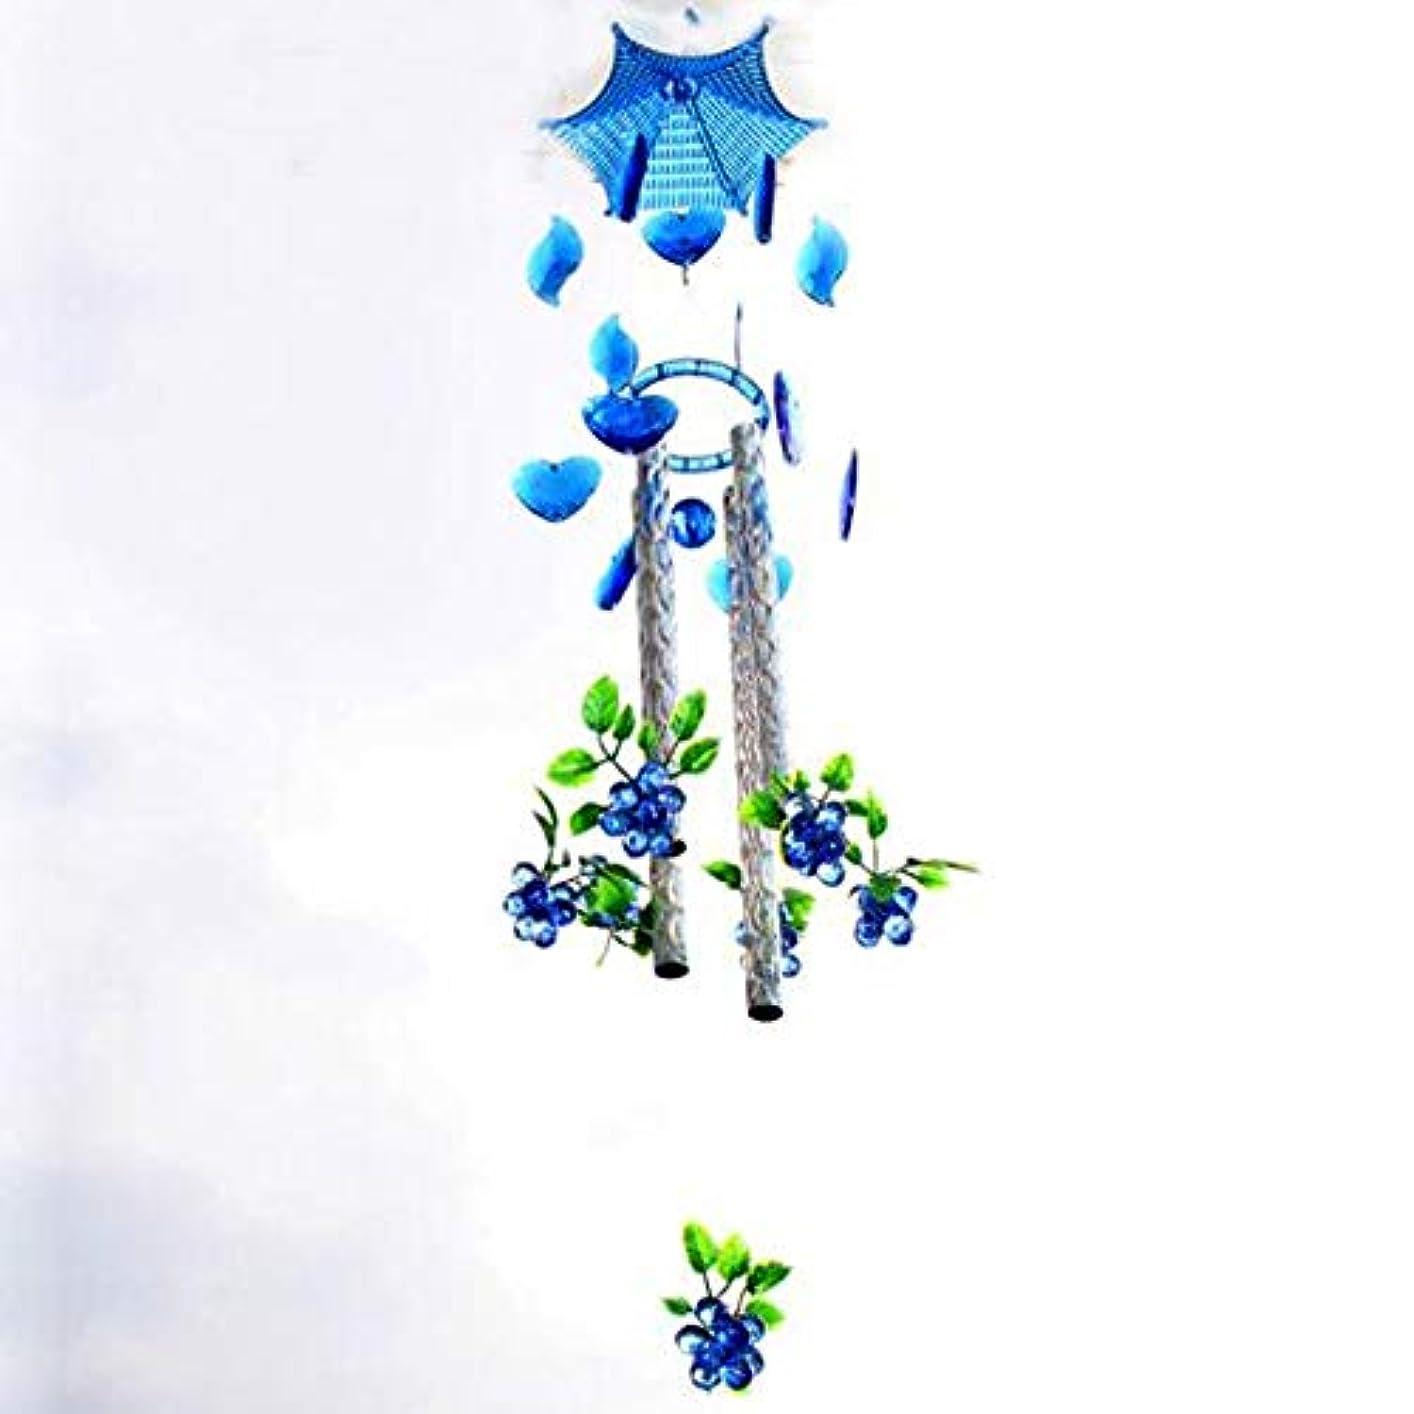 呼びかける変位欠点Yougou01 風チャイム、プラスチック金属の庭ブドウ風の鐘、ブルー、全身について80CM 、創造的な装飾 (Color : Blue)